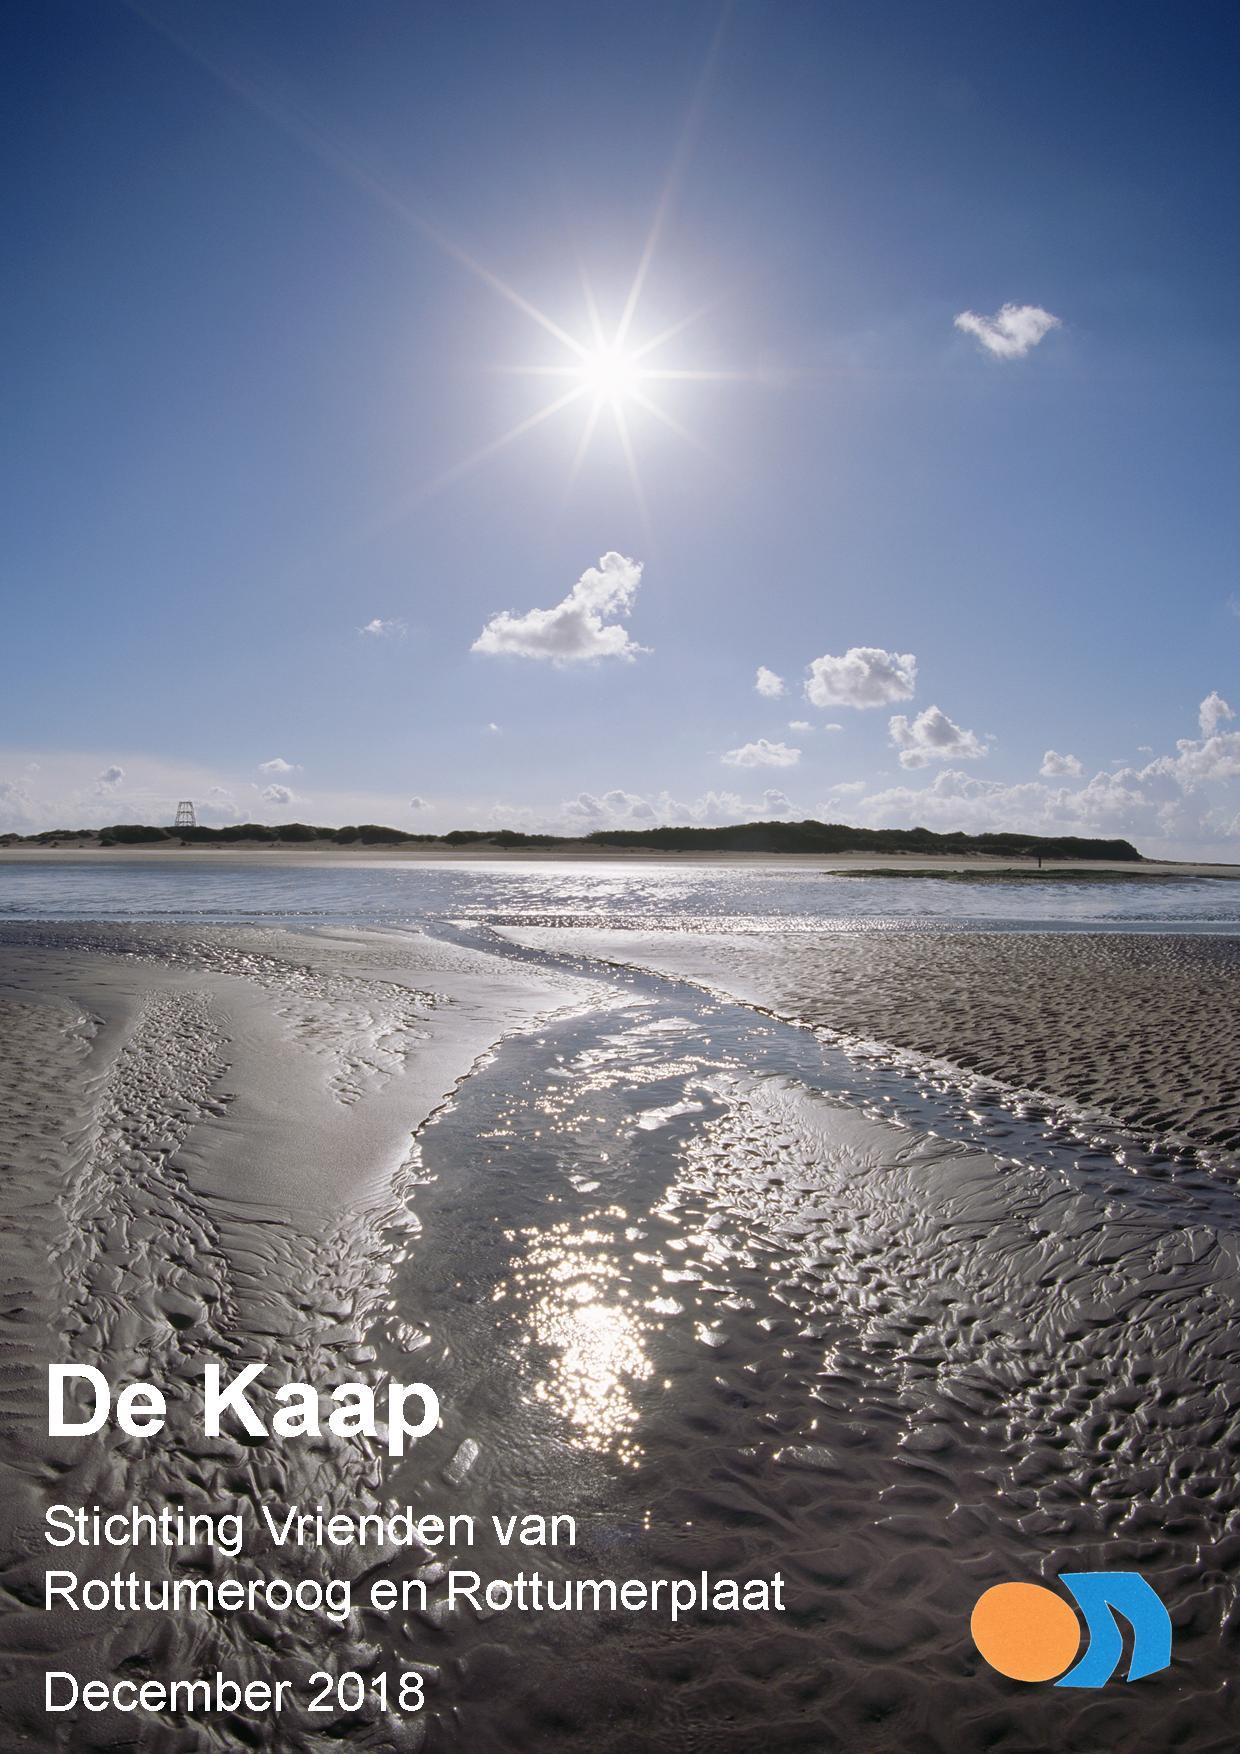 De Kaap december 2018